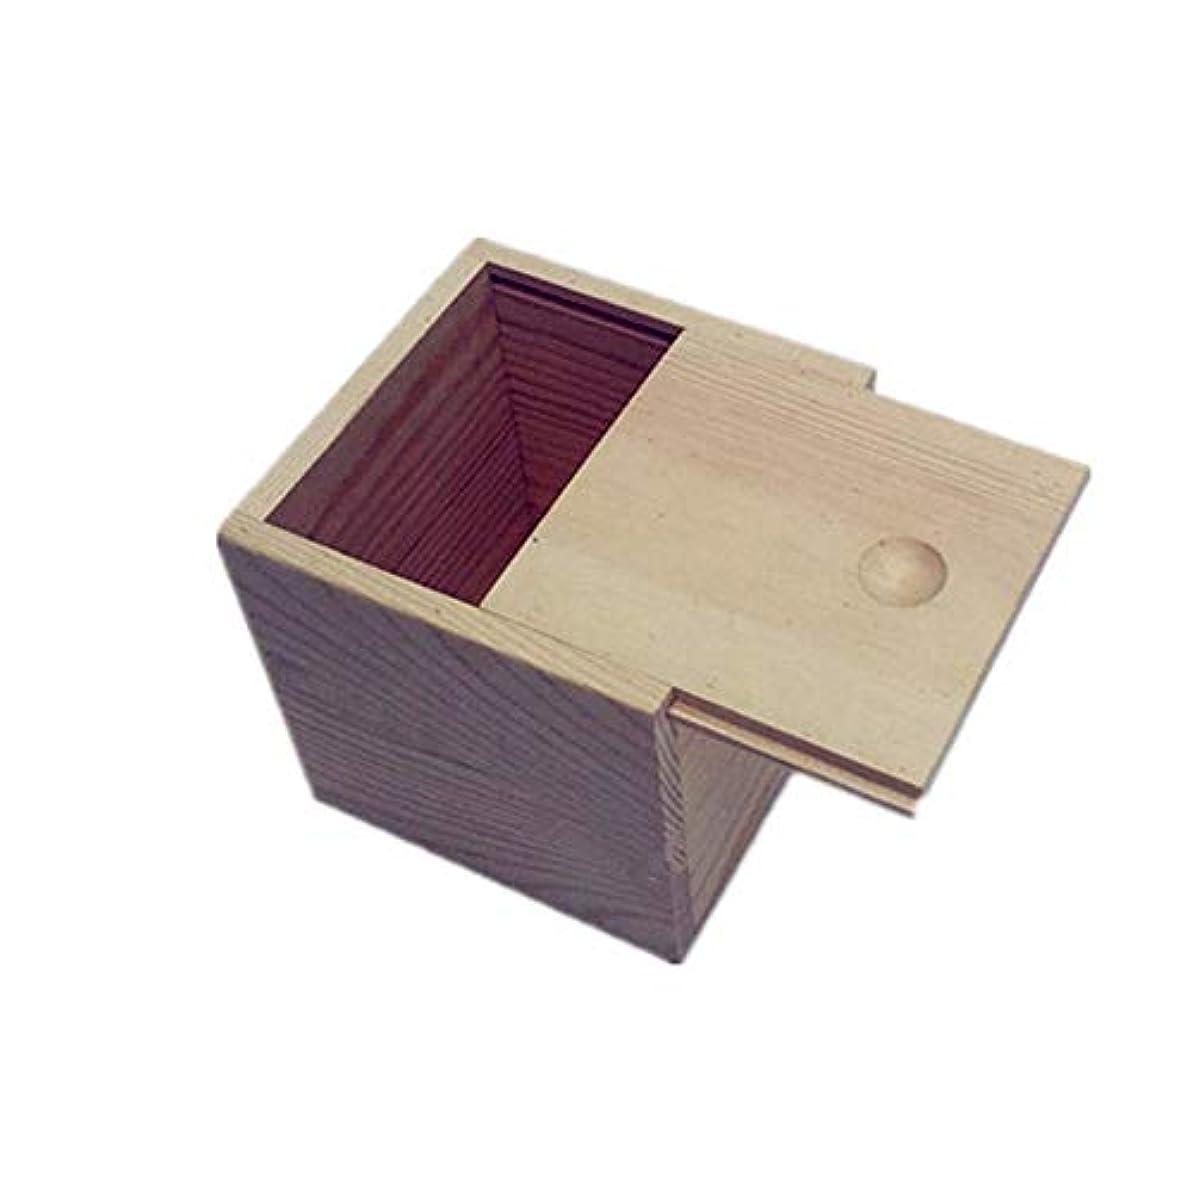 便利アデレード流暢エッセンシャルオイル収納ボックス 木製のエッセンシャルオイルストレージボックス安全なスペースセーバー9x9x5cmあなたの油を維持するためのベスト (色 : Natural, サイズ : 9X9X5CM)